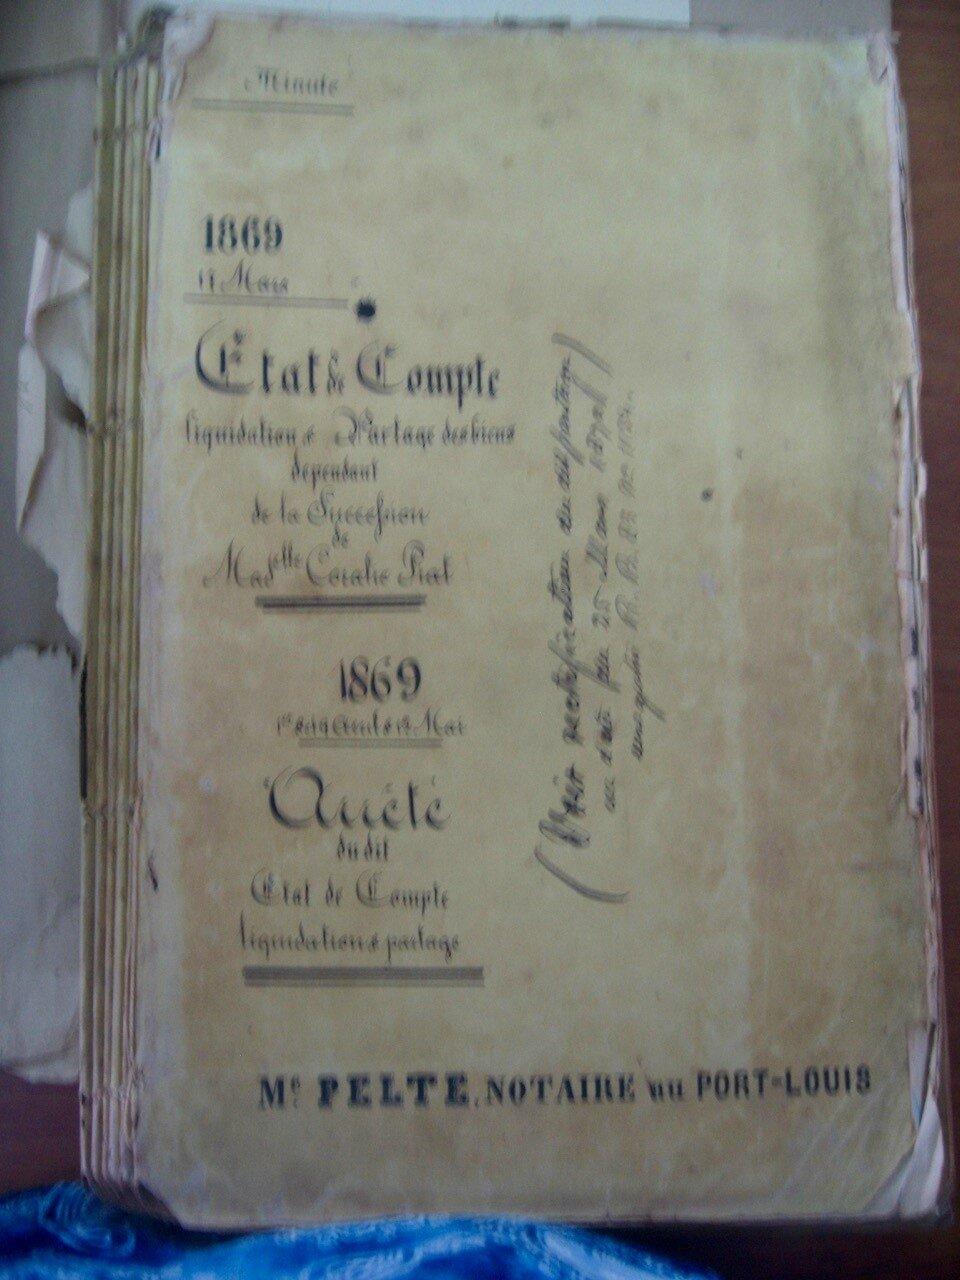 Piat Coralie_Liquidation partage 1869